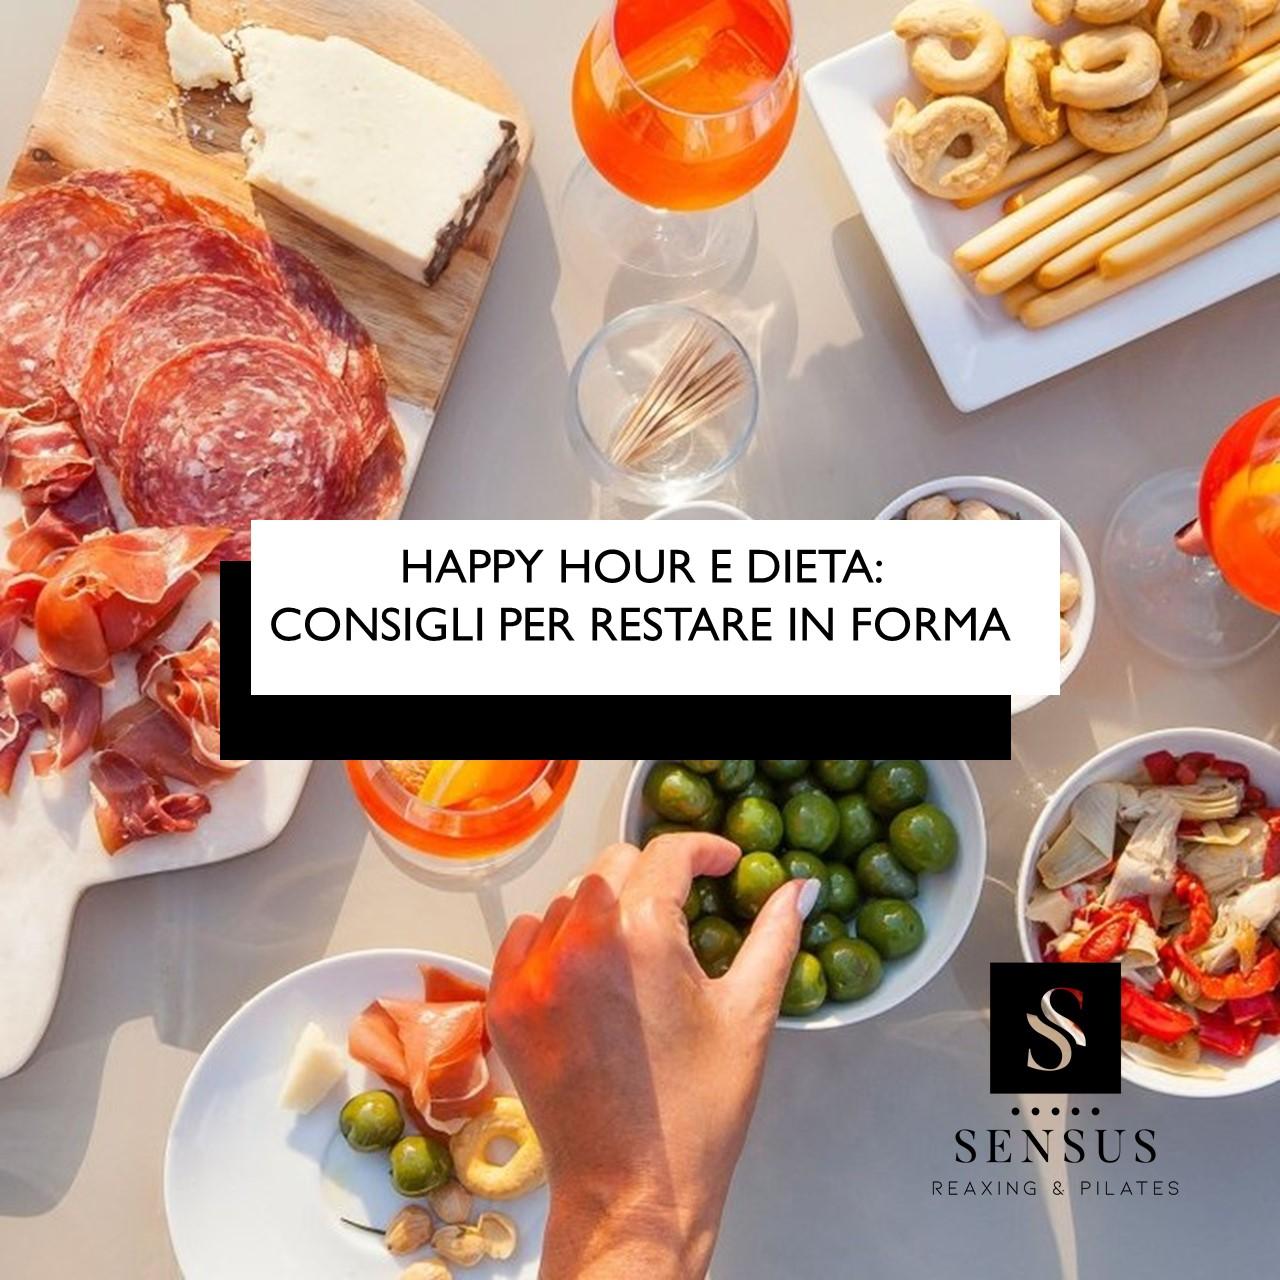 Happy Hour E Dieta: 5 Consigli Per Restare In Forma